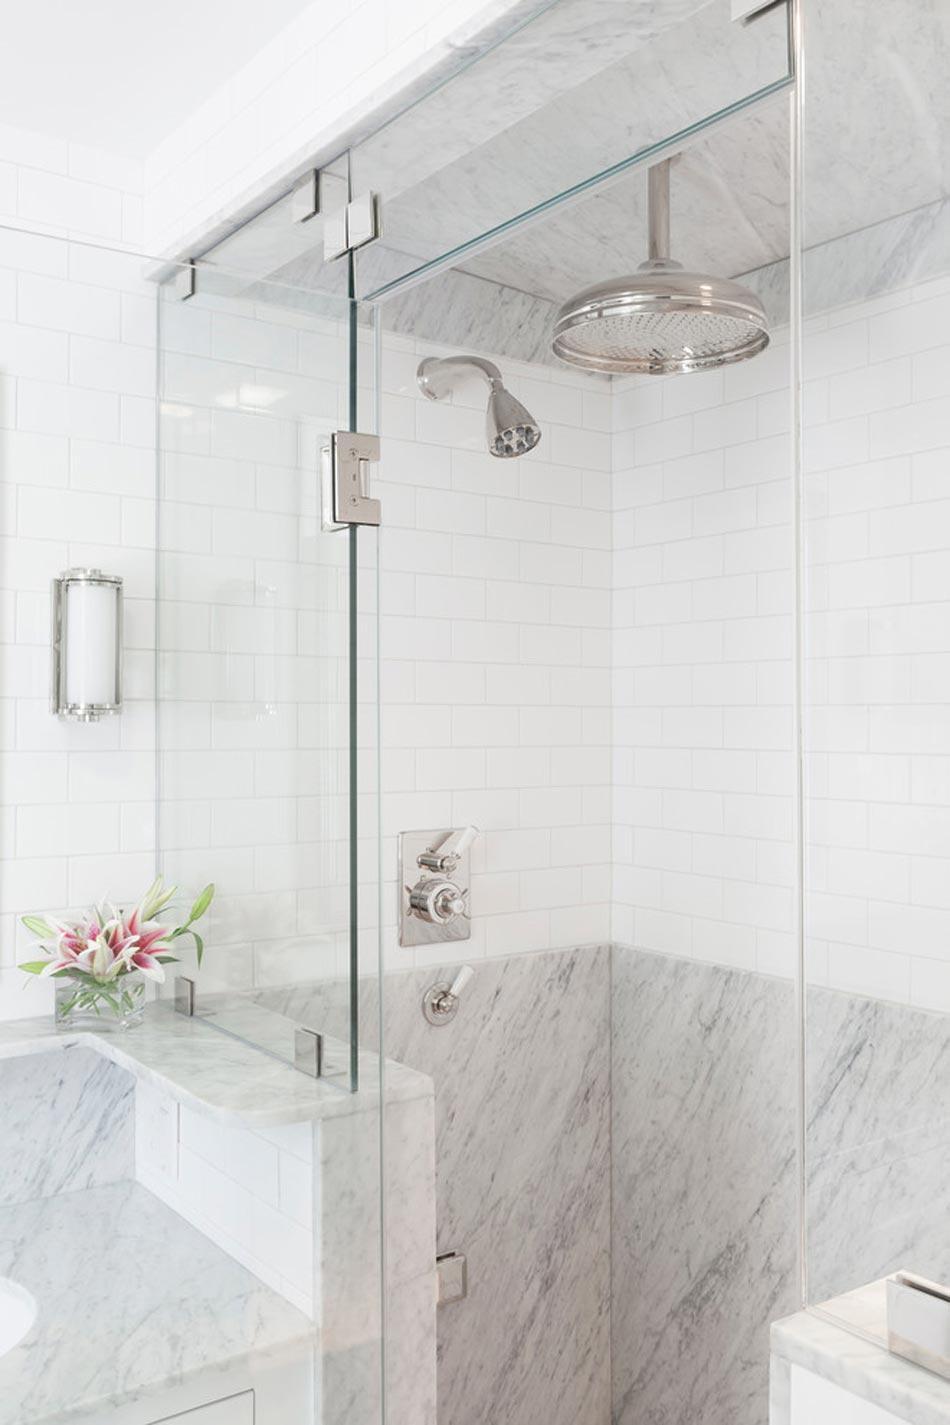 salle de bain marbre blanc pour afficher une classe. Black Bedroom Furniture Sets. Home Design Ideas